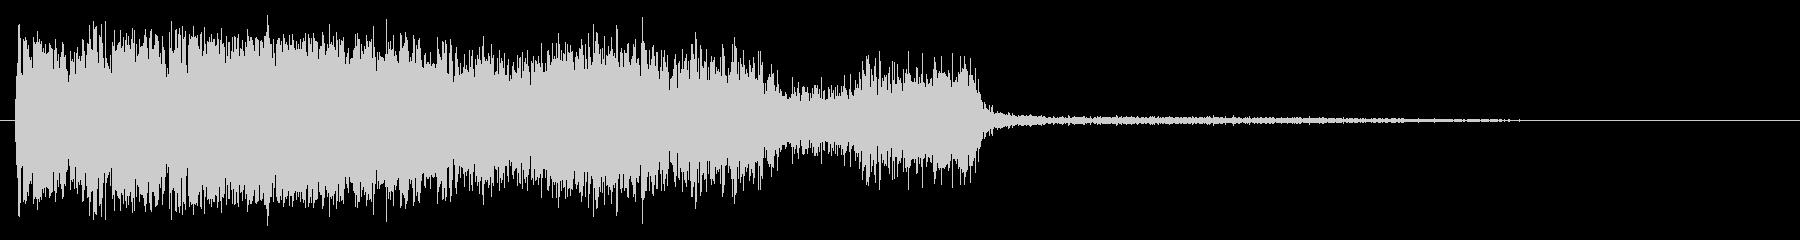 電気_感電_04の未再生の波形